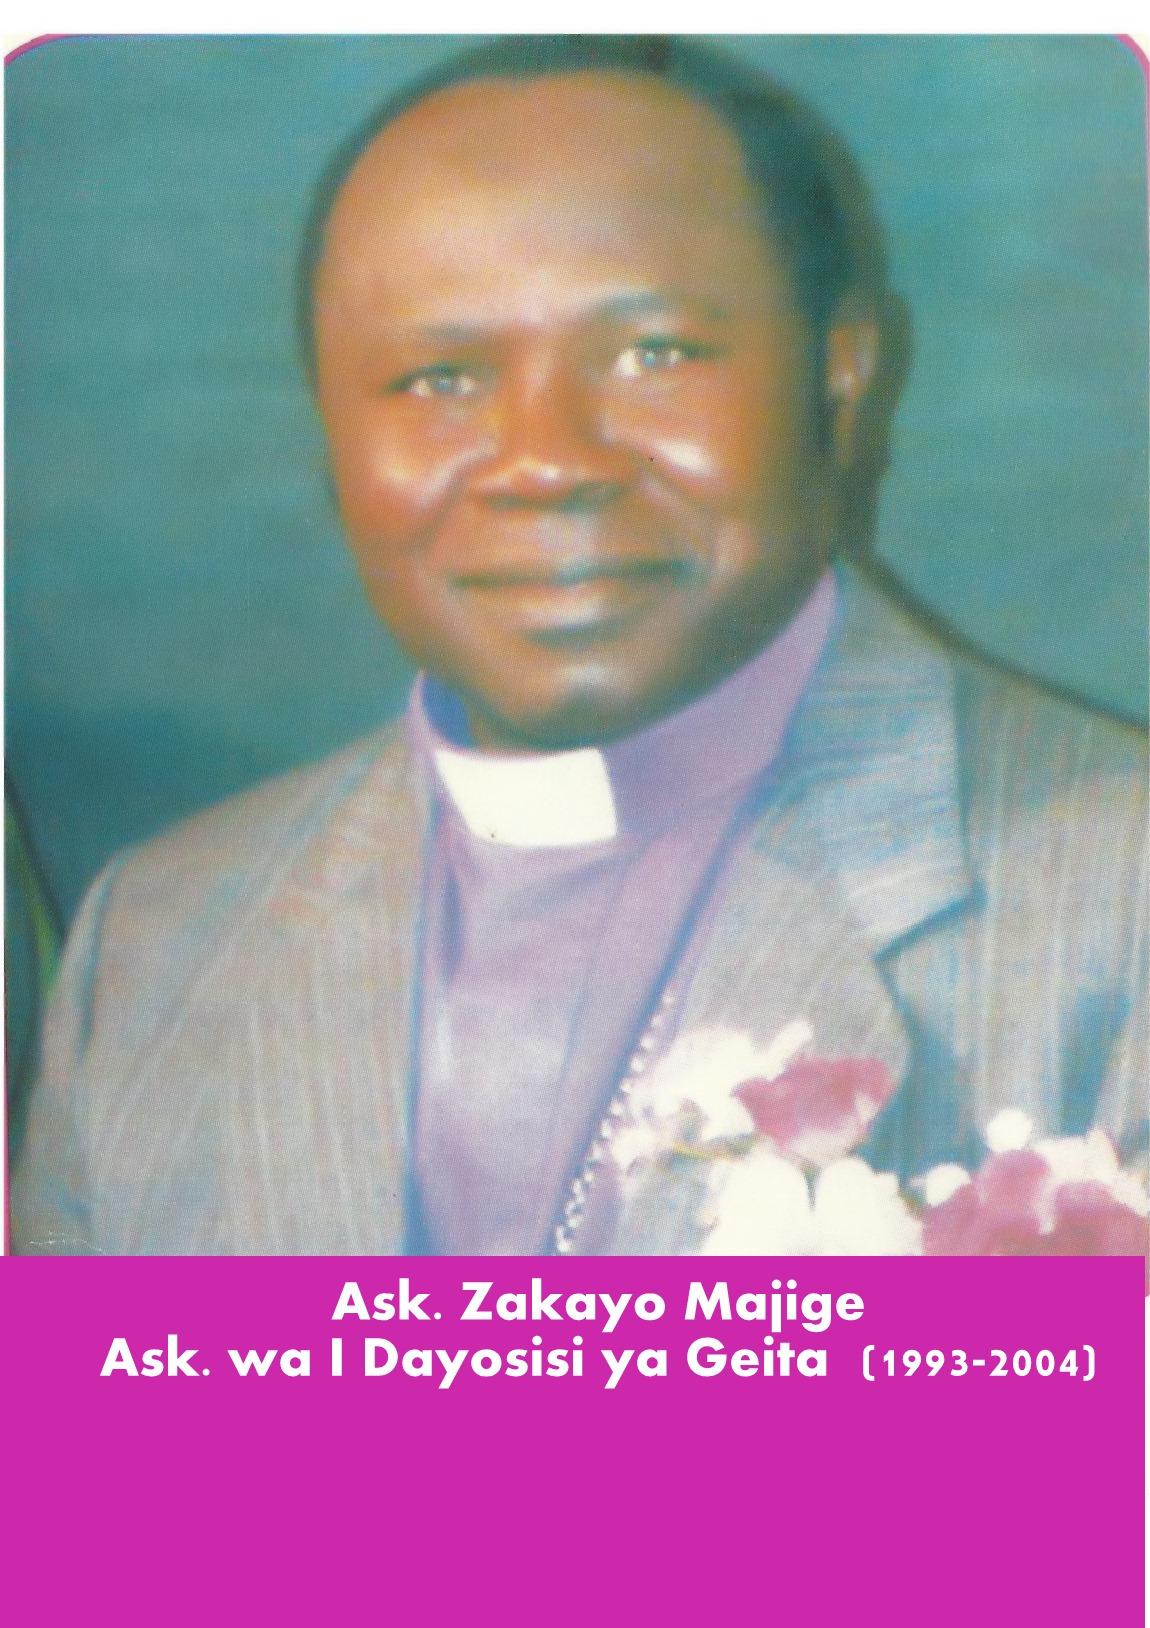 Bishop Zakayo Majige